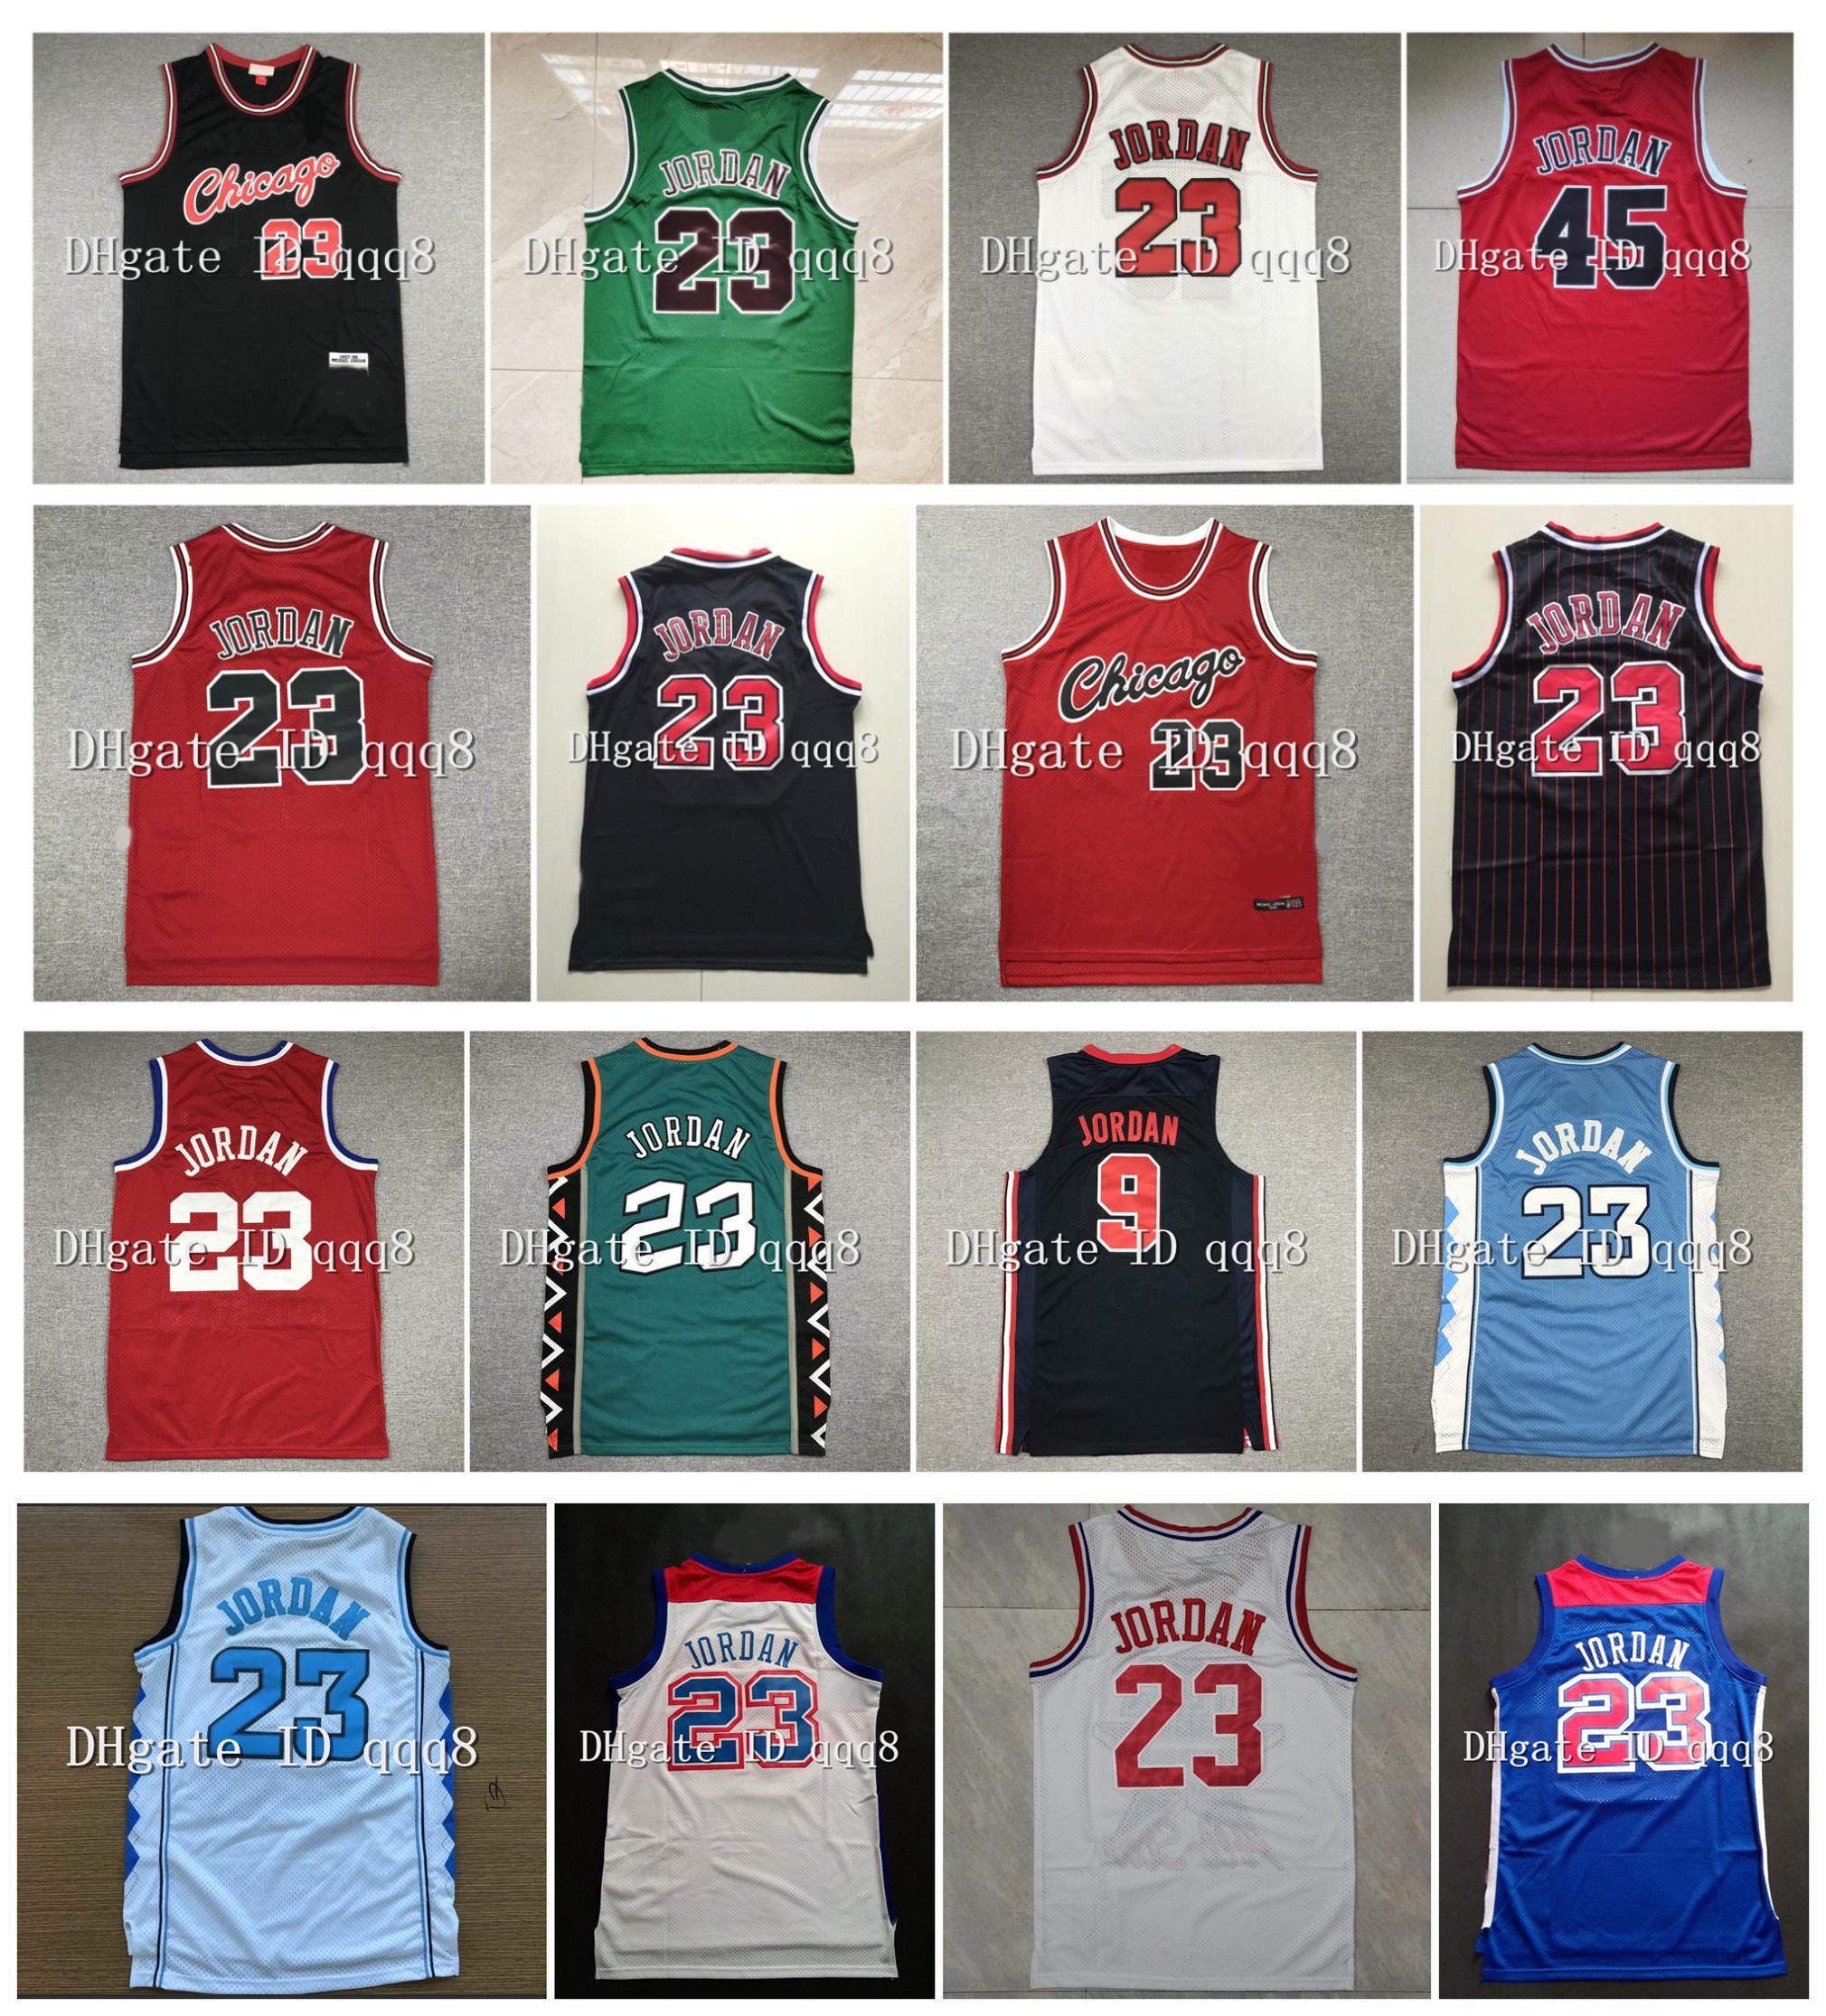 أعلى جودة ! شمال كارولينا كلية شيكاجوس 23 مايكل بول جيرسي خمر كرة السلة كلية 96 كل ستار الرجعية كرة السلة السراويل الرياضية جيرسي